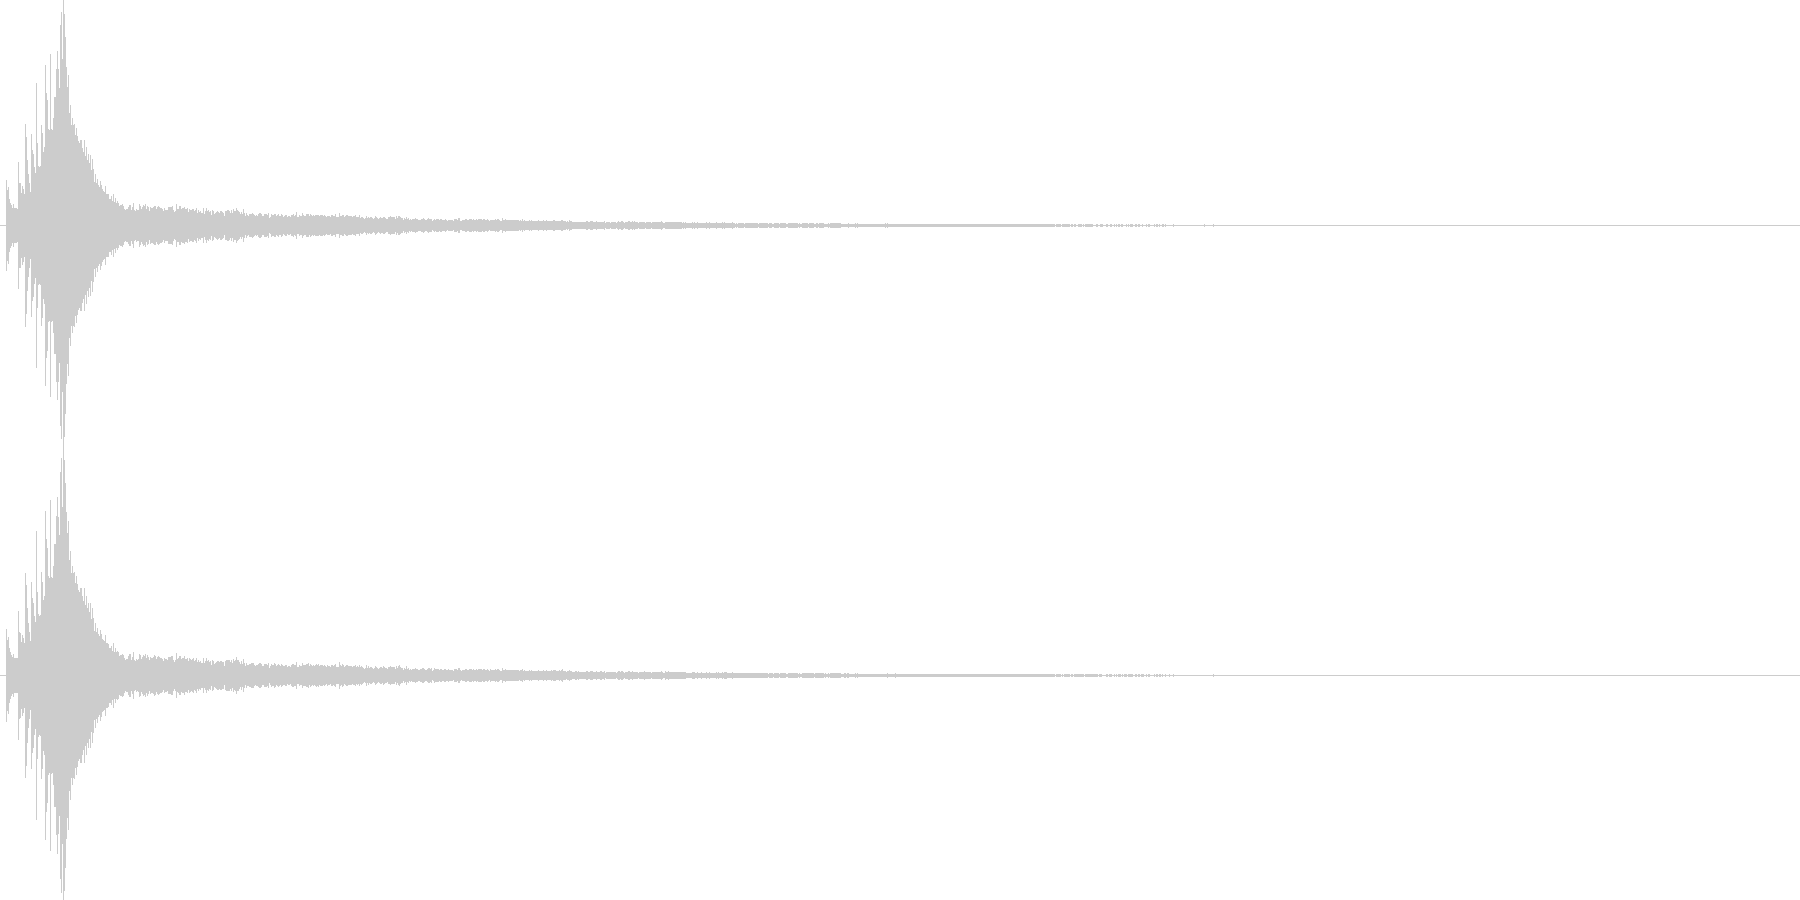 キラーン!オーソドックスなキラキラ音。1の未再生の波形